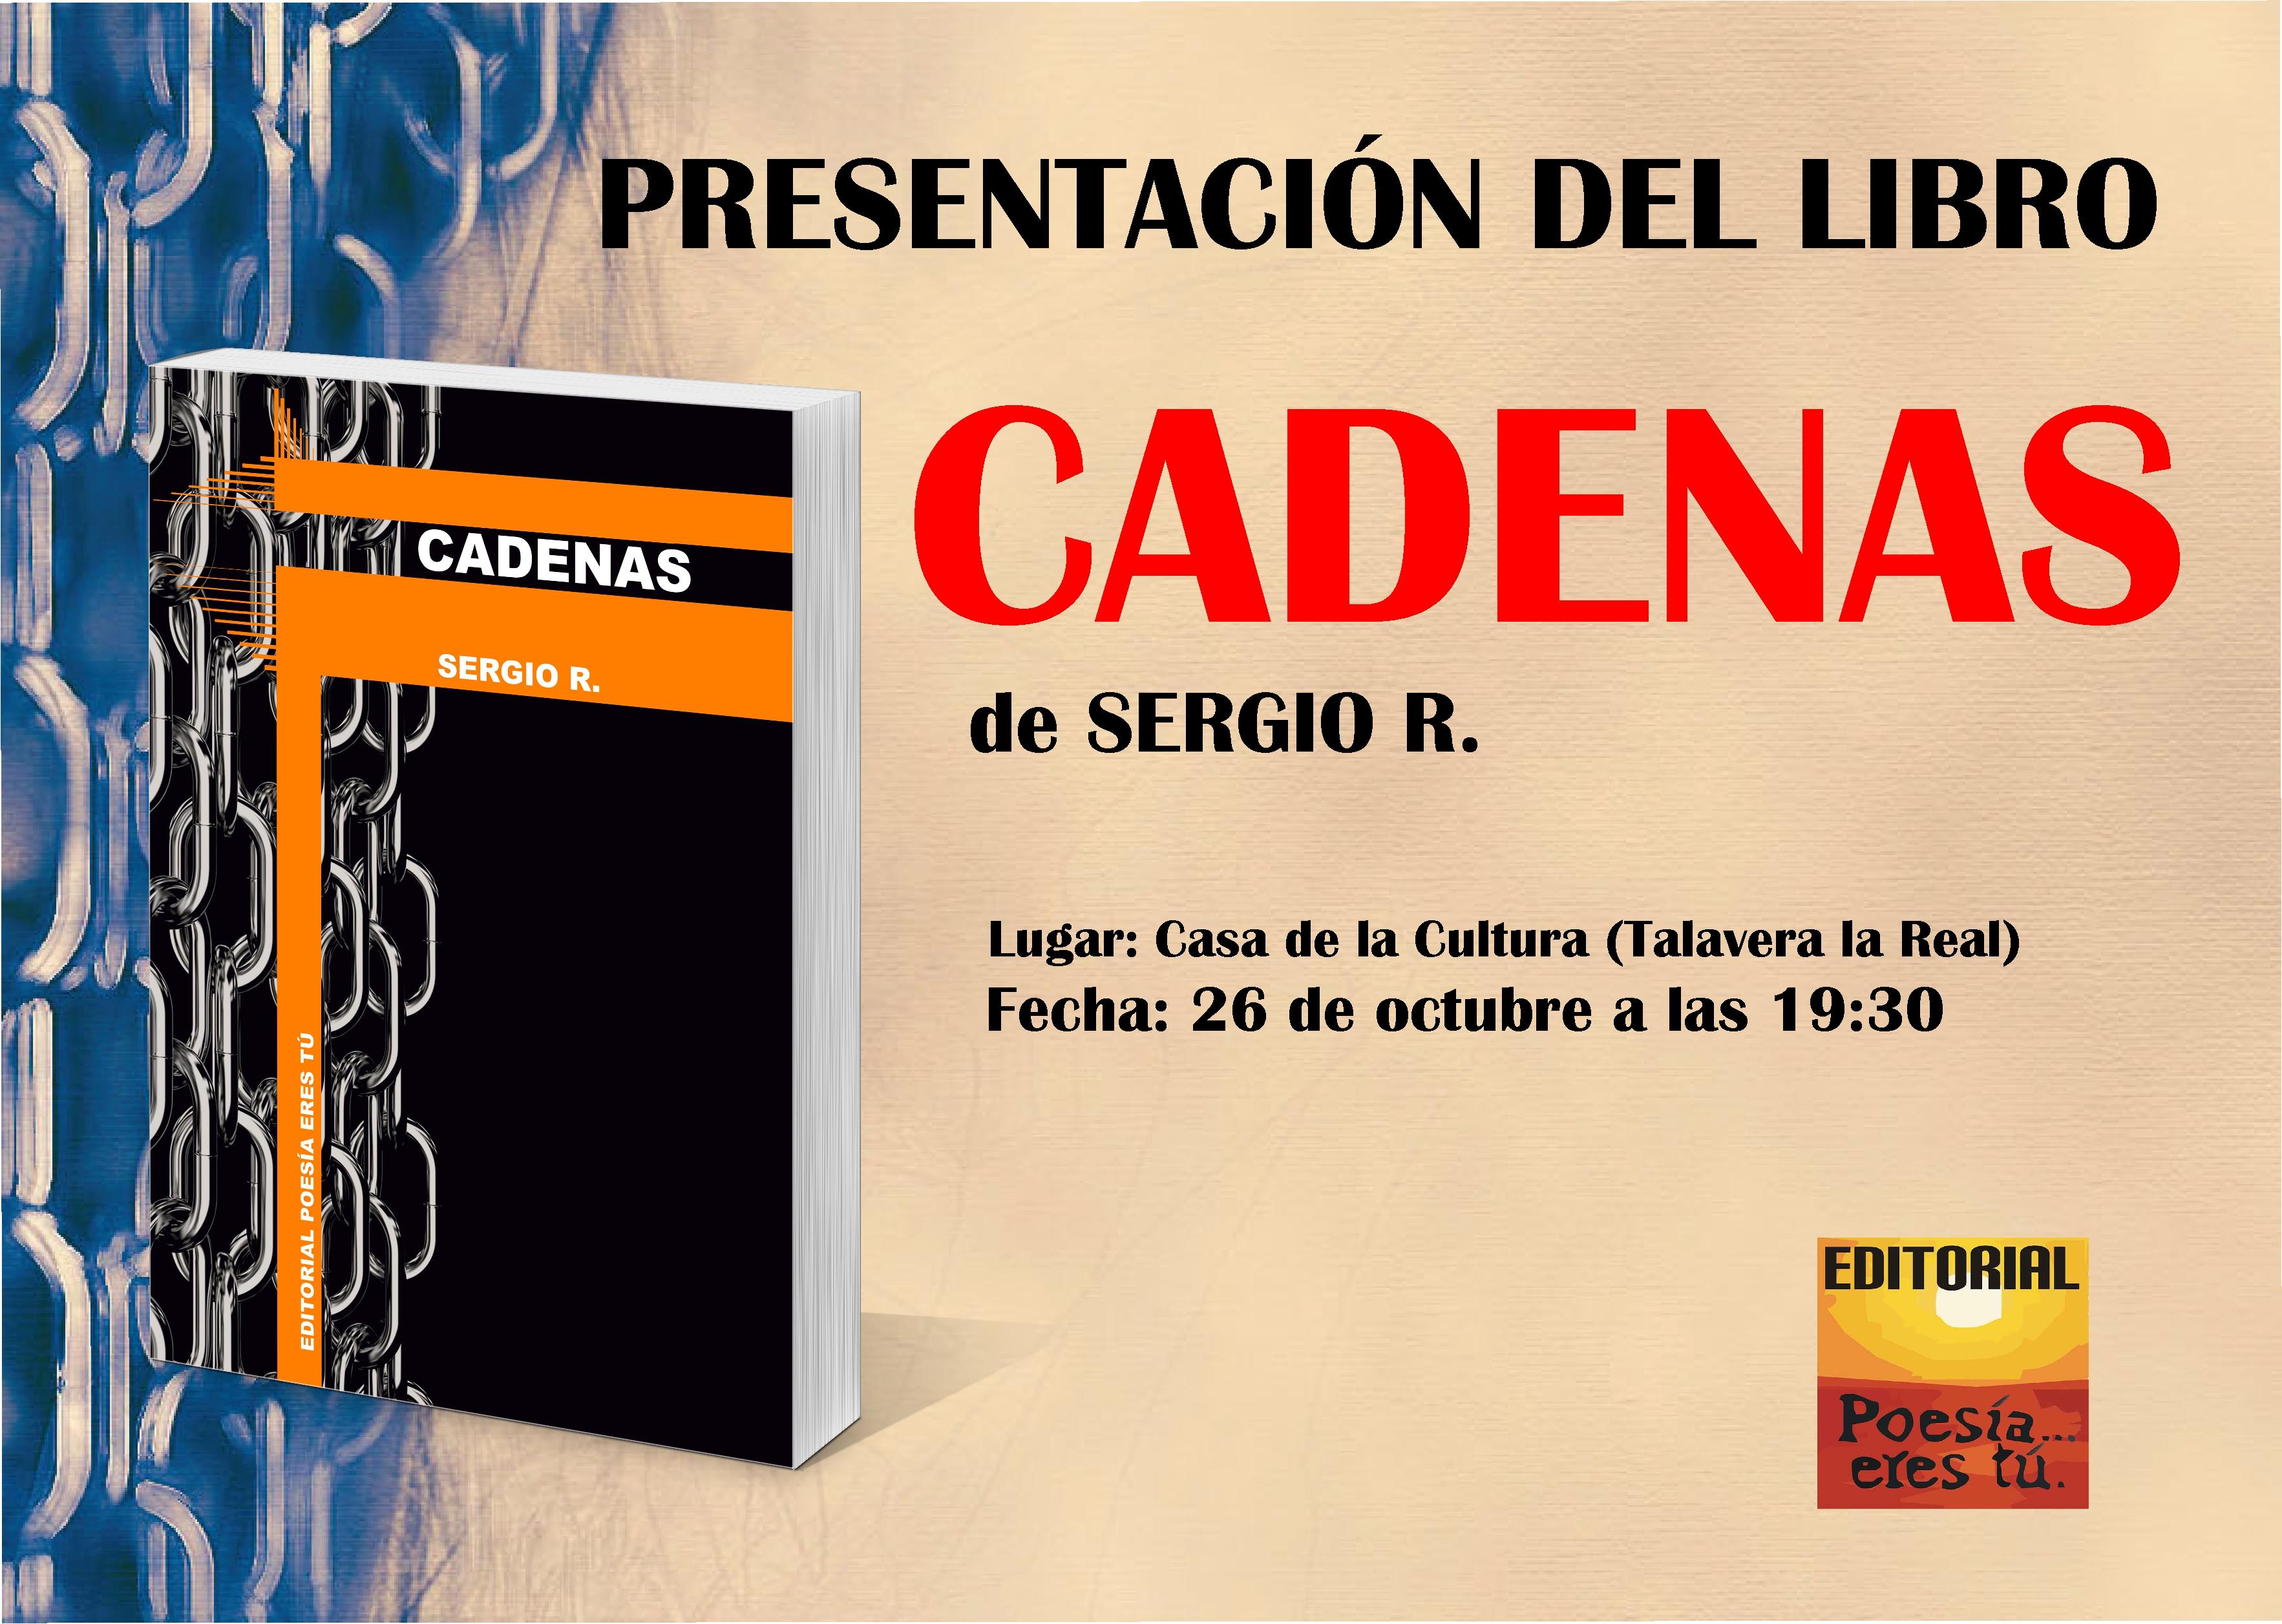 Presentación del libro CADENAS en Talavera la Real CartelPresentacion revista de poesía Revista de poesía. Revista Poesía eres tú. CartelPresentacion